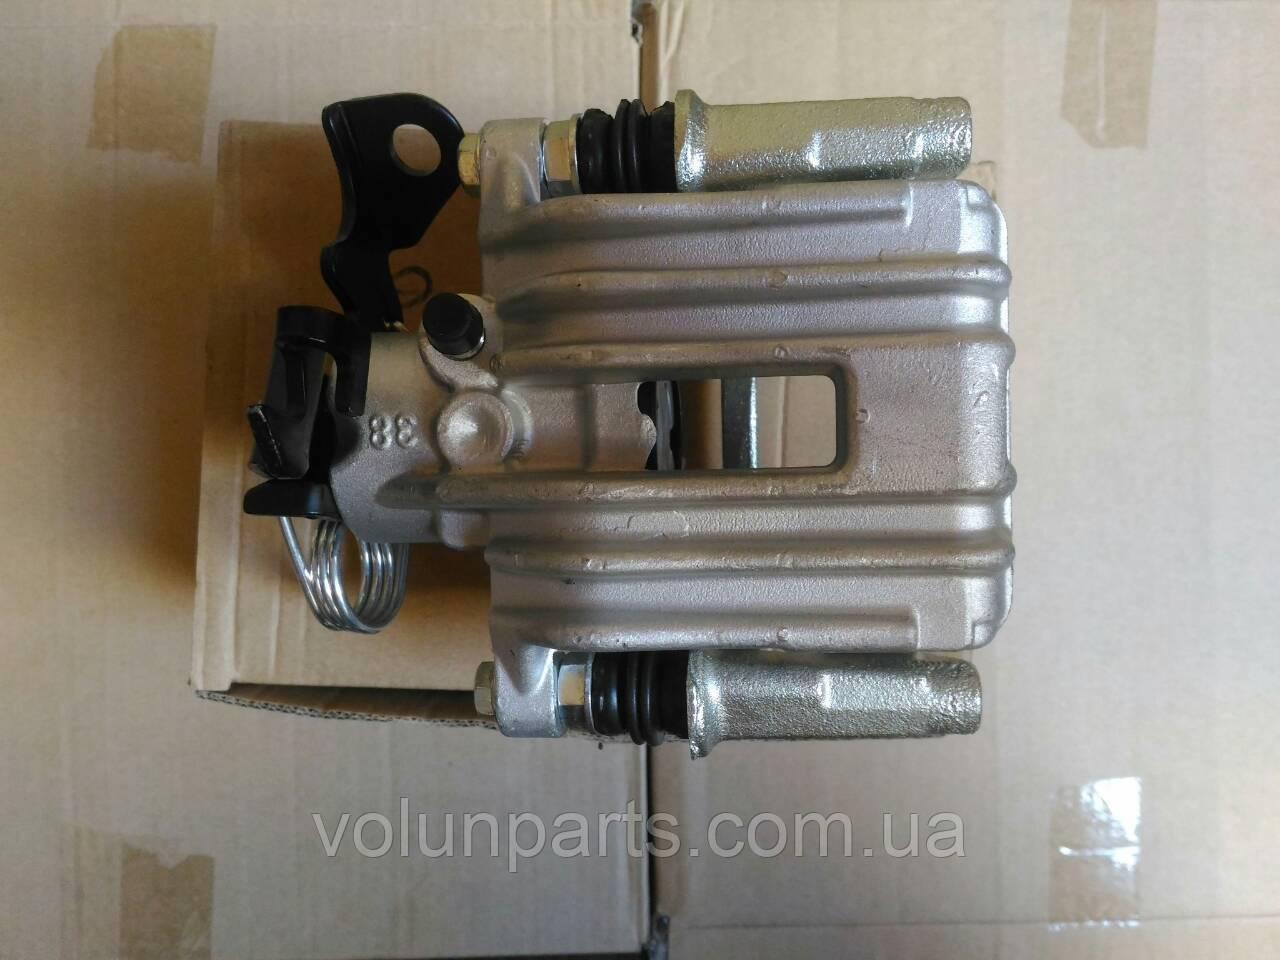 Тормозной суппорт Audi a4b5/Audi a6c5/Skoda superb правый